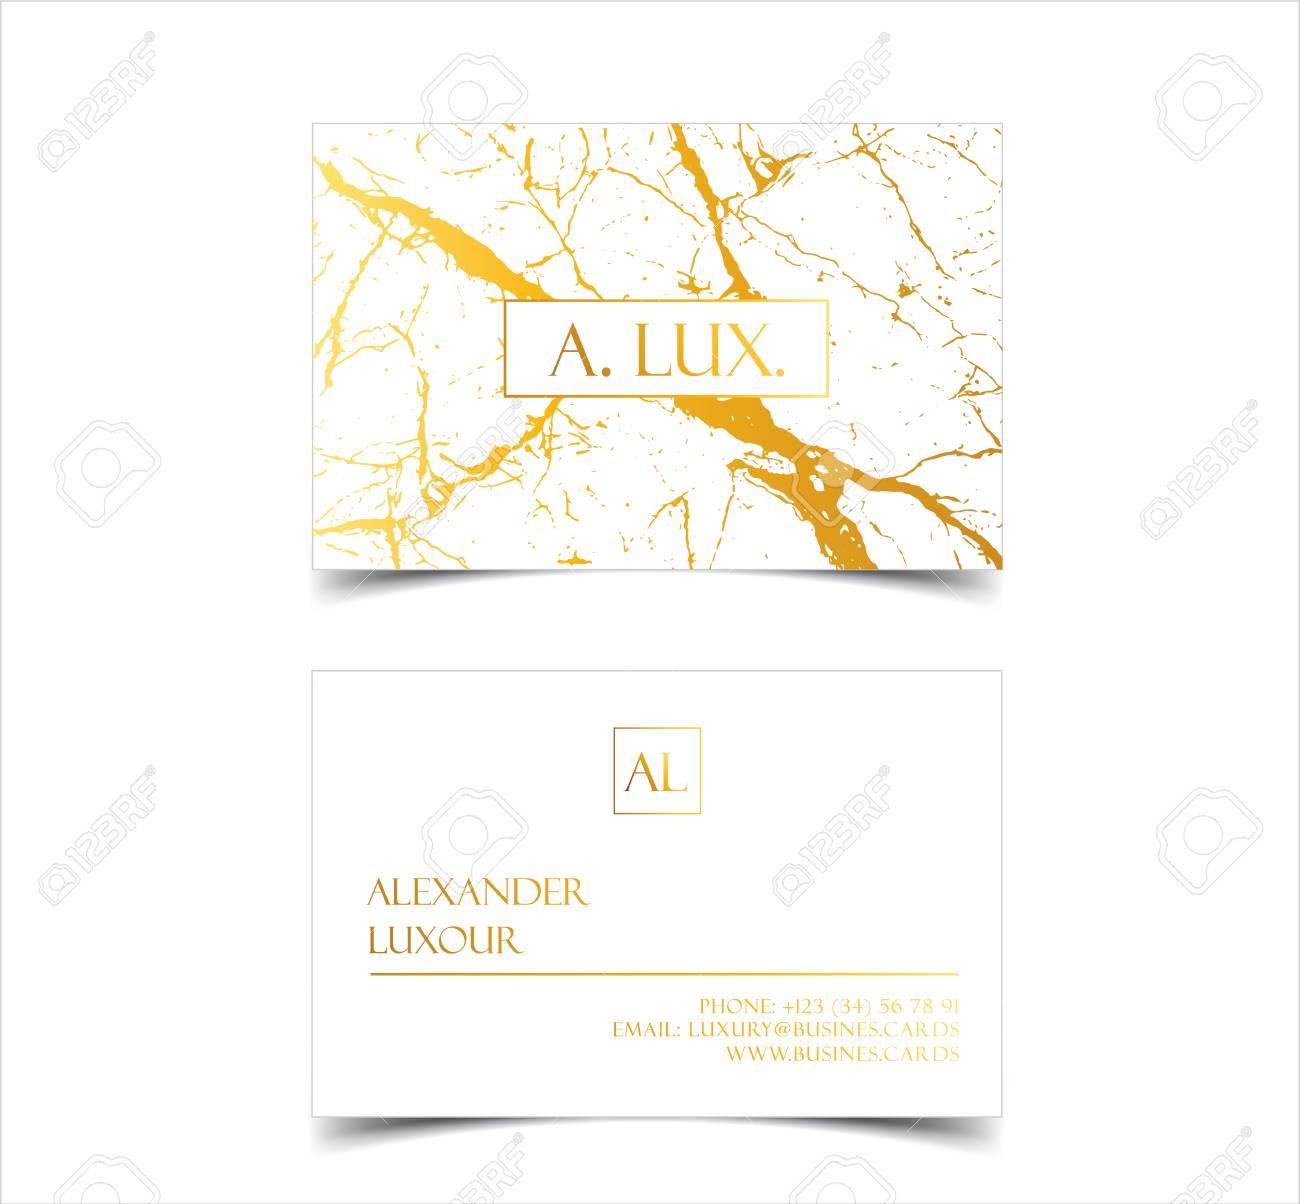 Cartes De Visite Elegantes Luxe Blanc Avec Texture Marbre Et